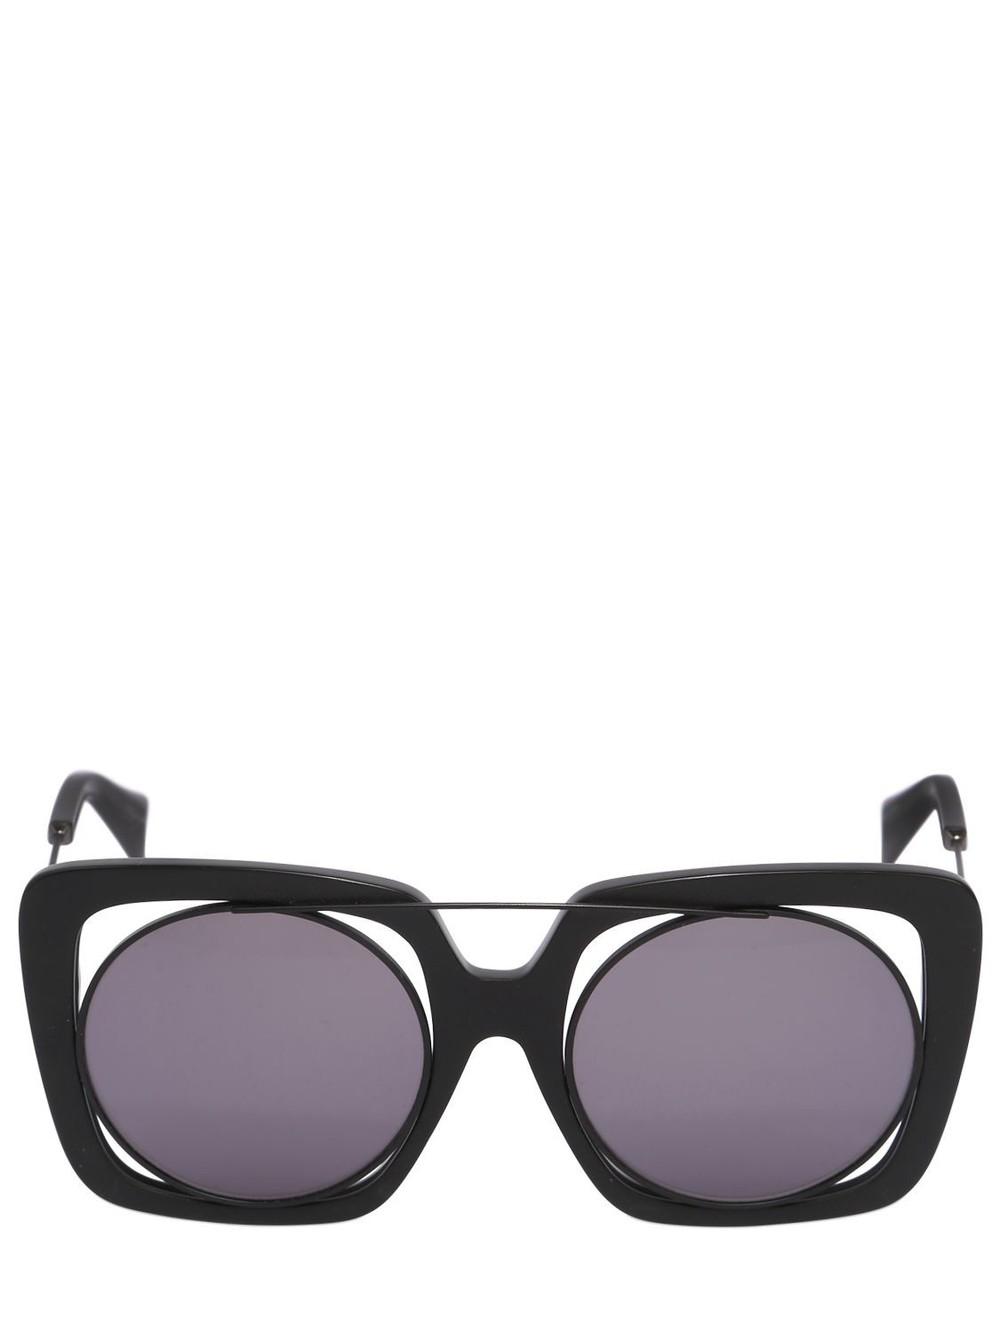 YOHJI YAMAMOTO Large Squared Frame In Frame Sunglasses in black